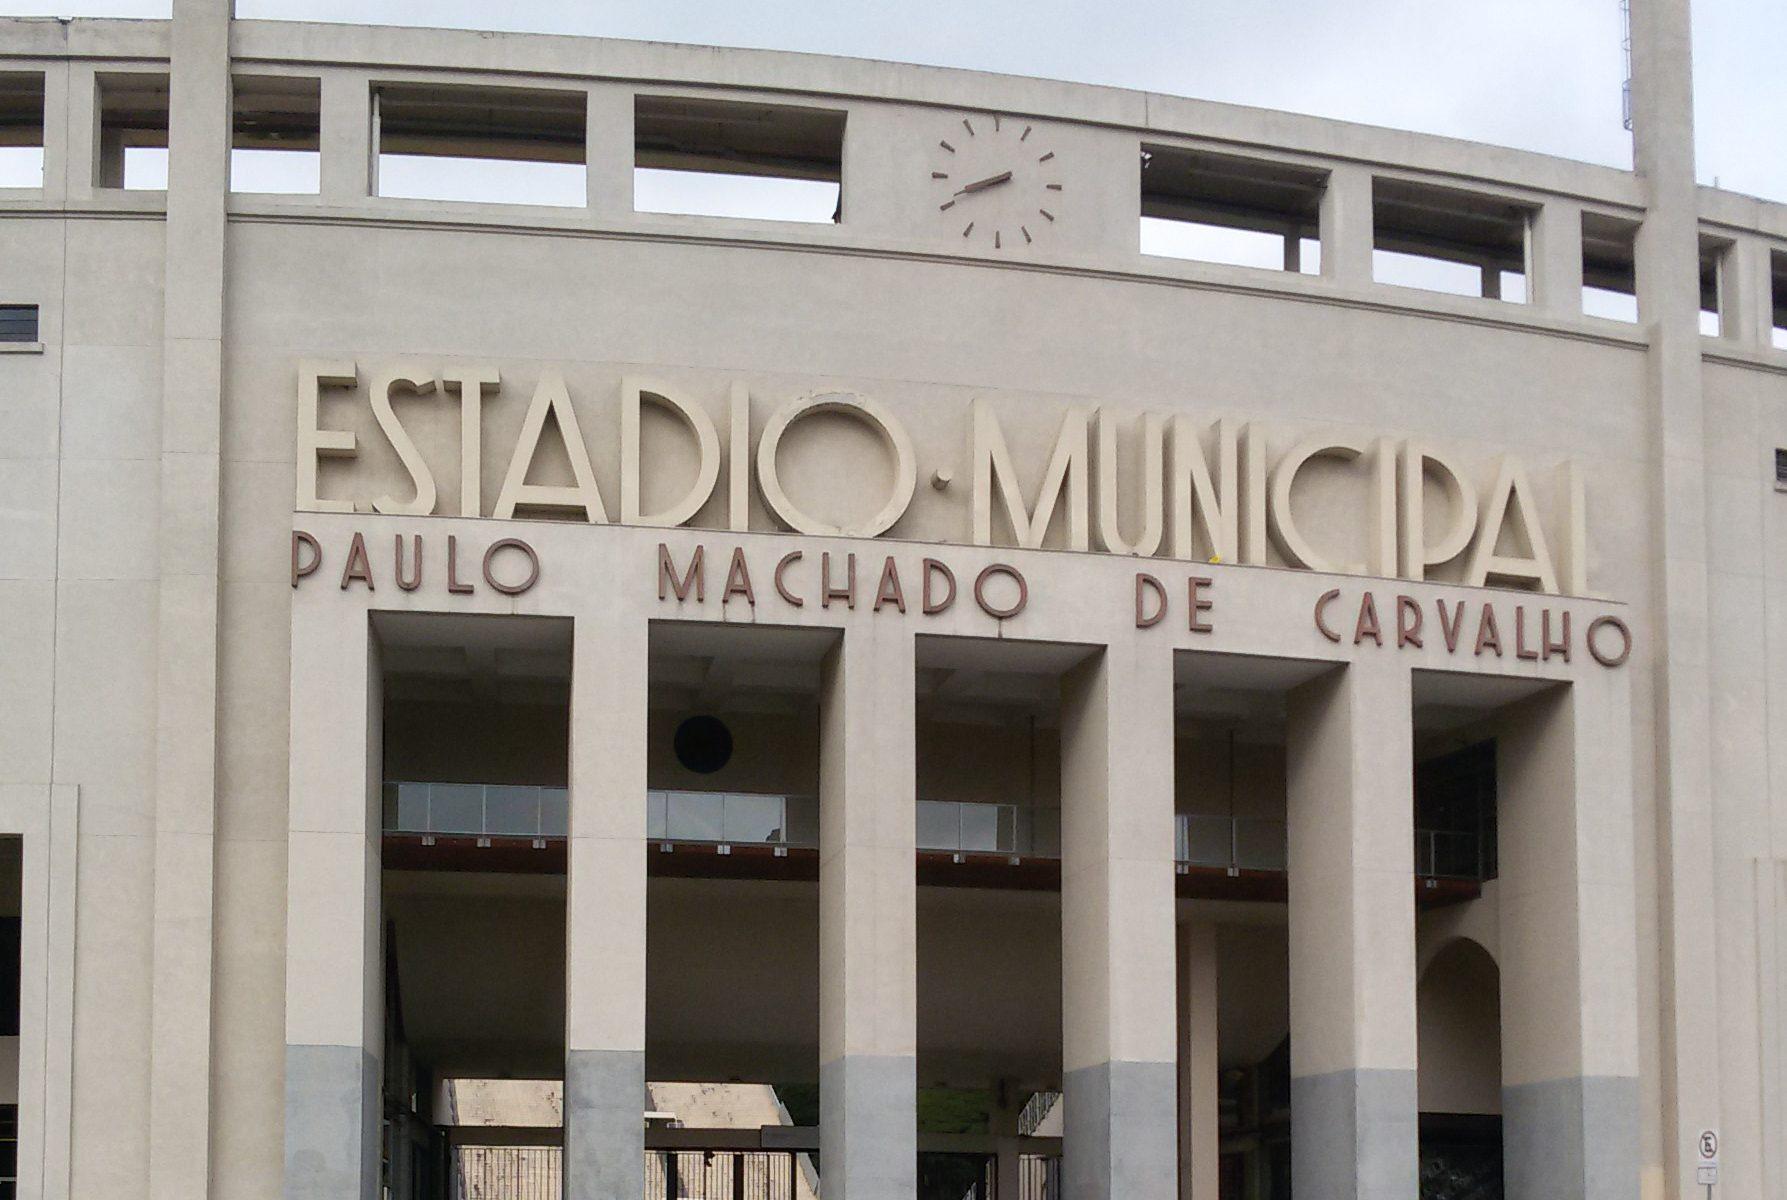 Estádio Paulo Machado de Carvalho - Pacaembu - São Paulo - Brasil